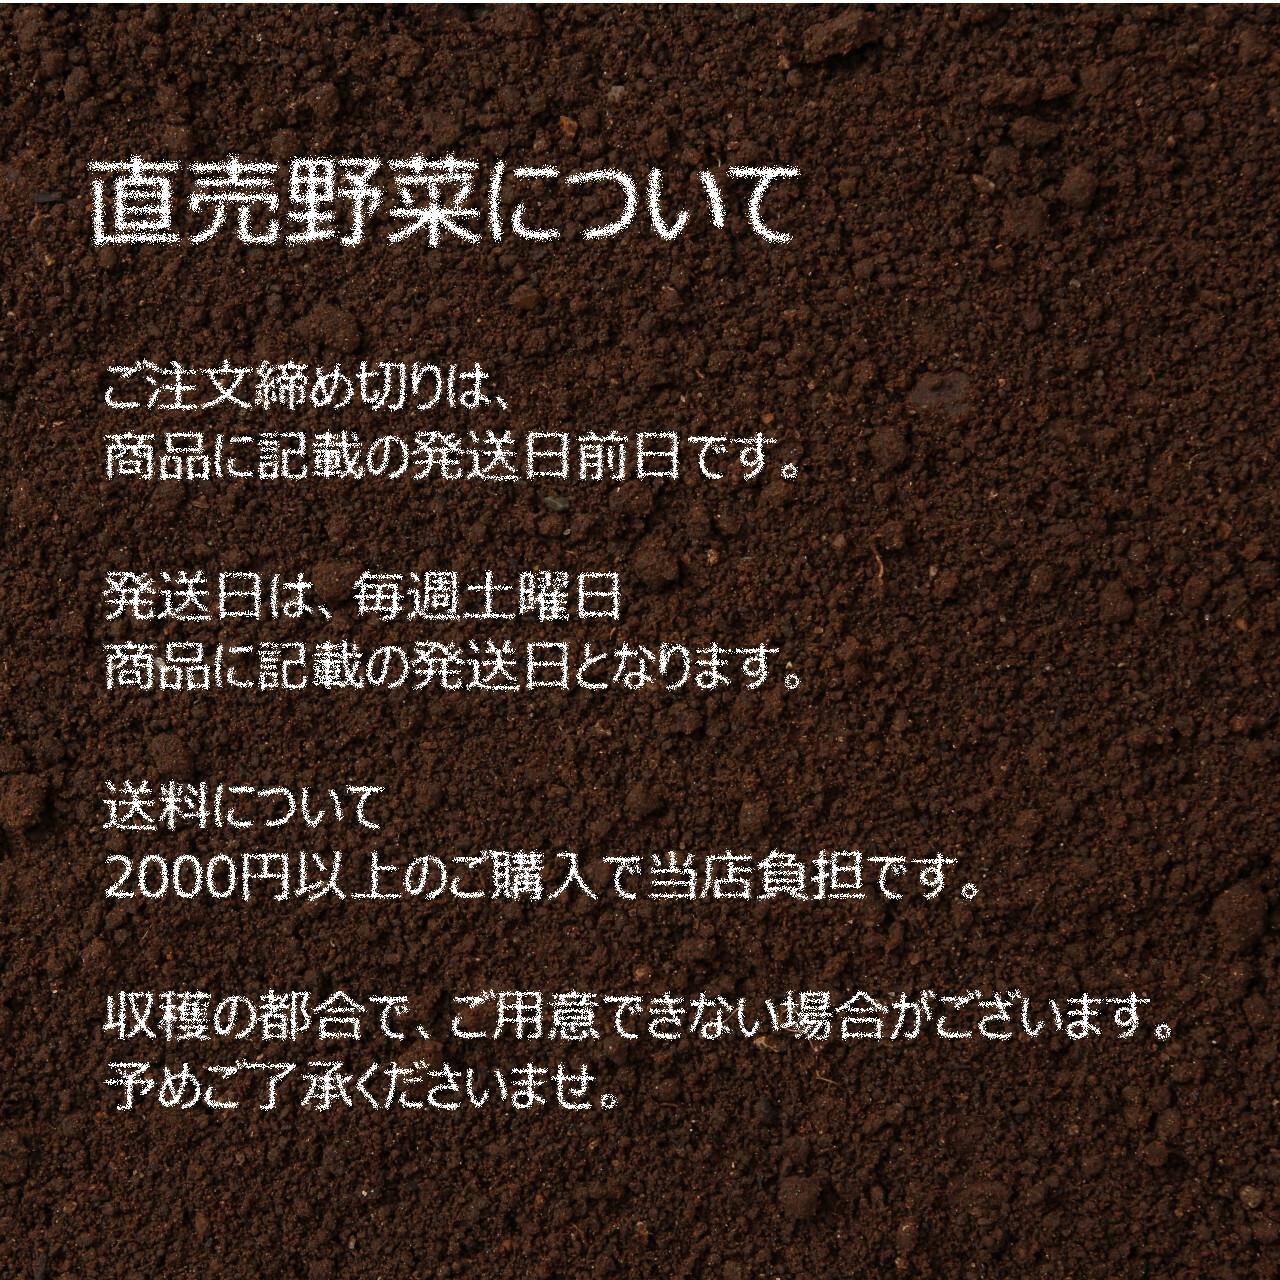 カブ菜 約400g 5月の朝採り直売野菜 春の新鮮野菜 5月16日発送予定